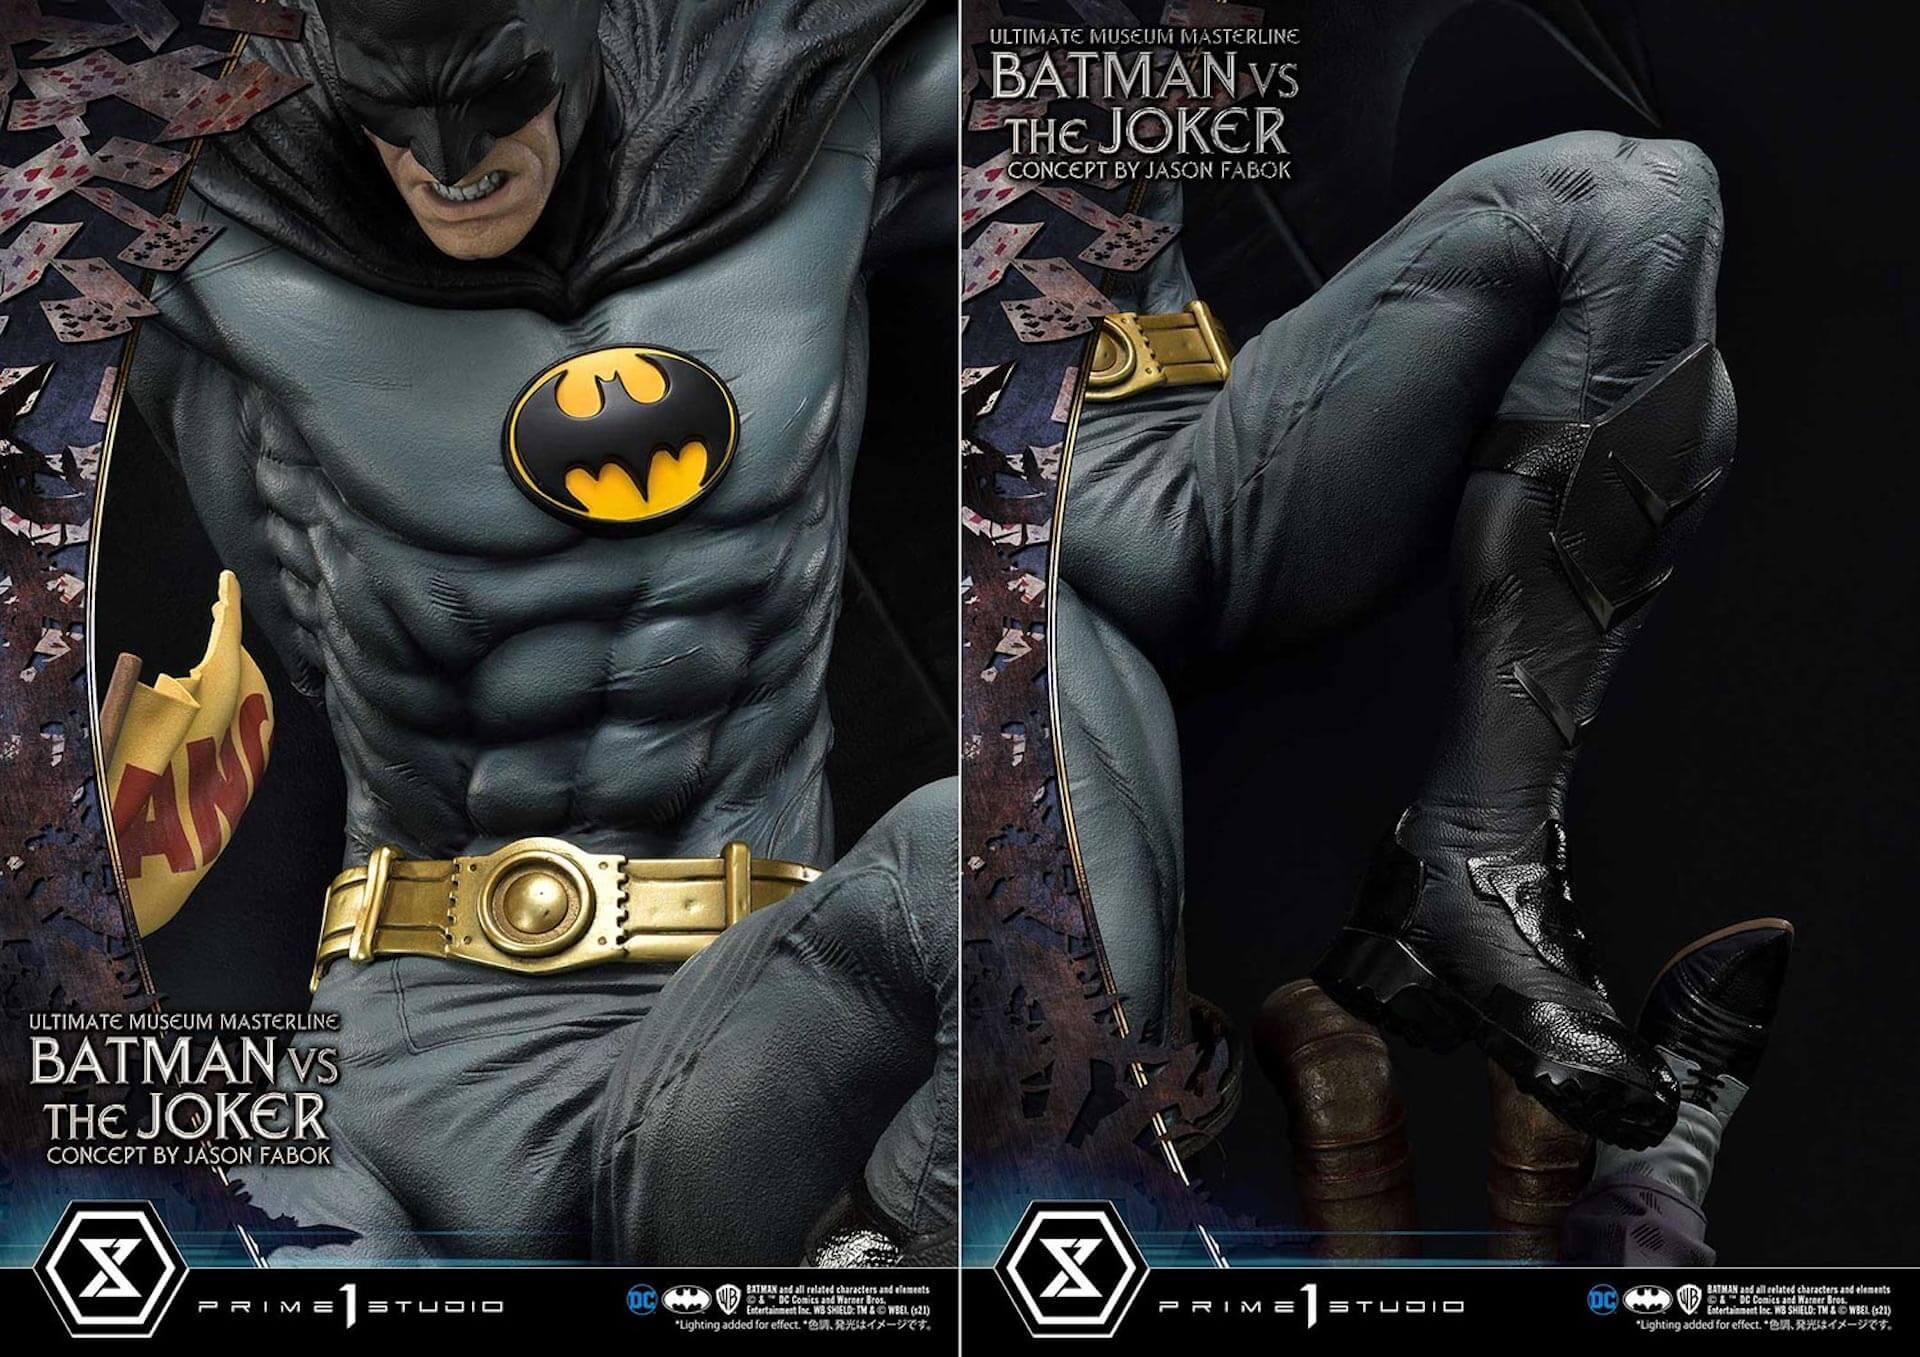 """バットマンとジョーカーによる永遠の戦いがフィギュアに!「バットマンVSジョーカー """"コンセプト by ジェイソン・ファボック""""」が予約受付スタート art211007_batman_joker_figure_8"""